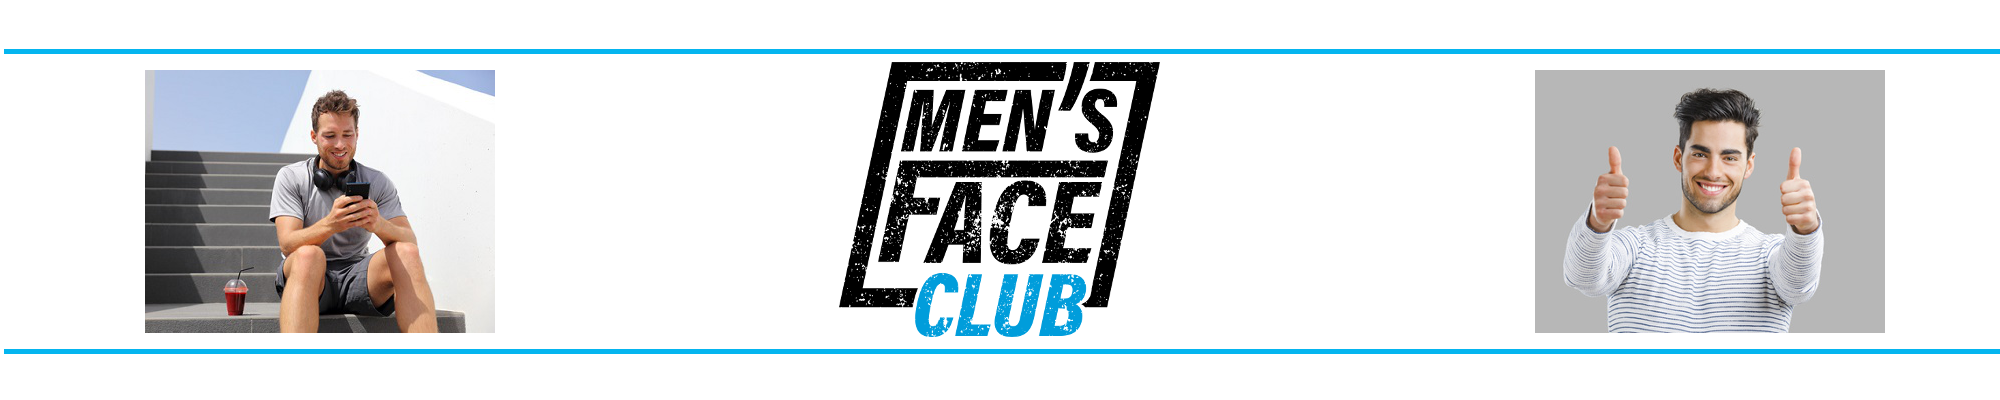 mensfaceclubbanner edit white BG